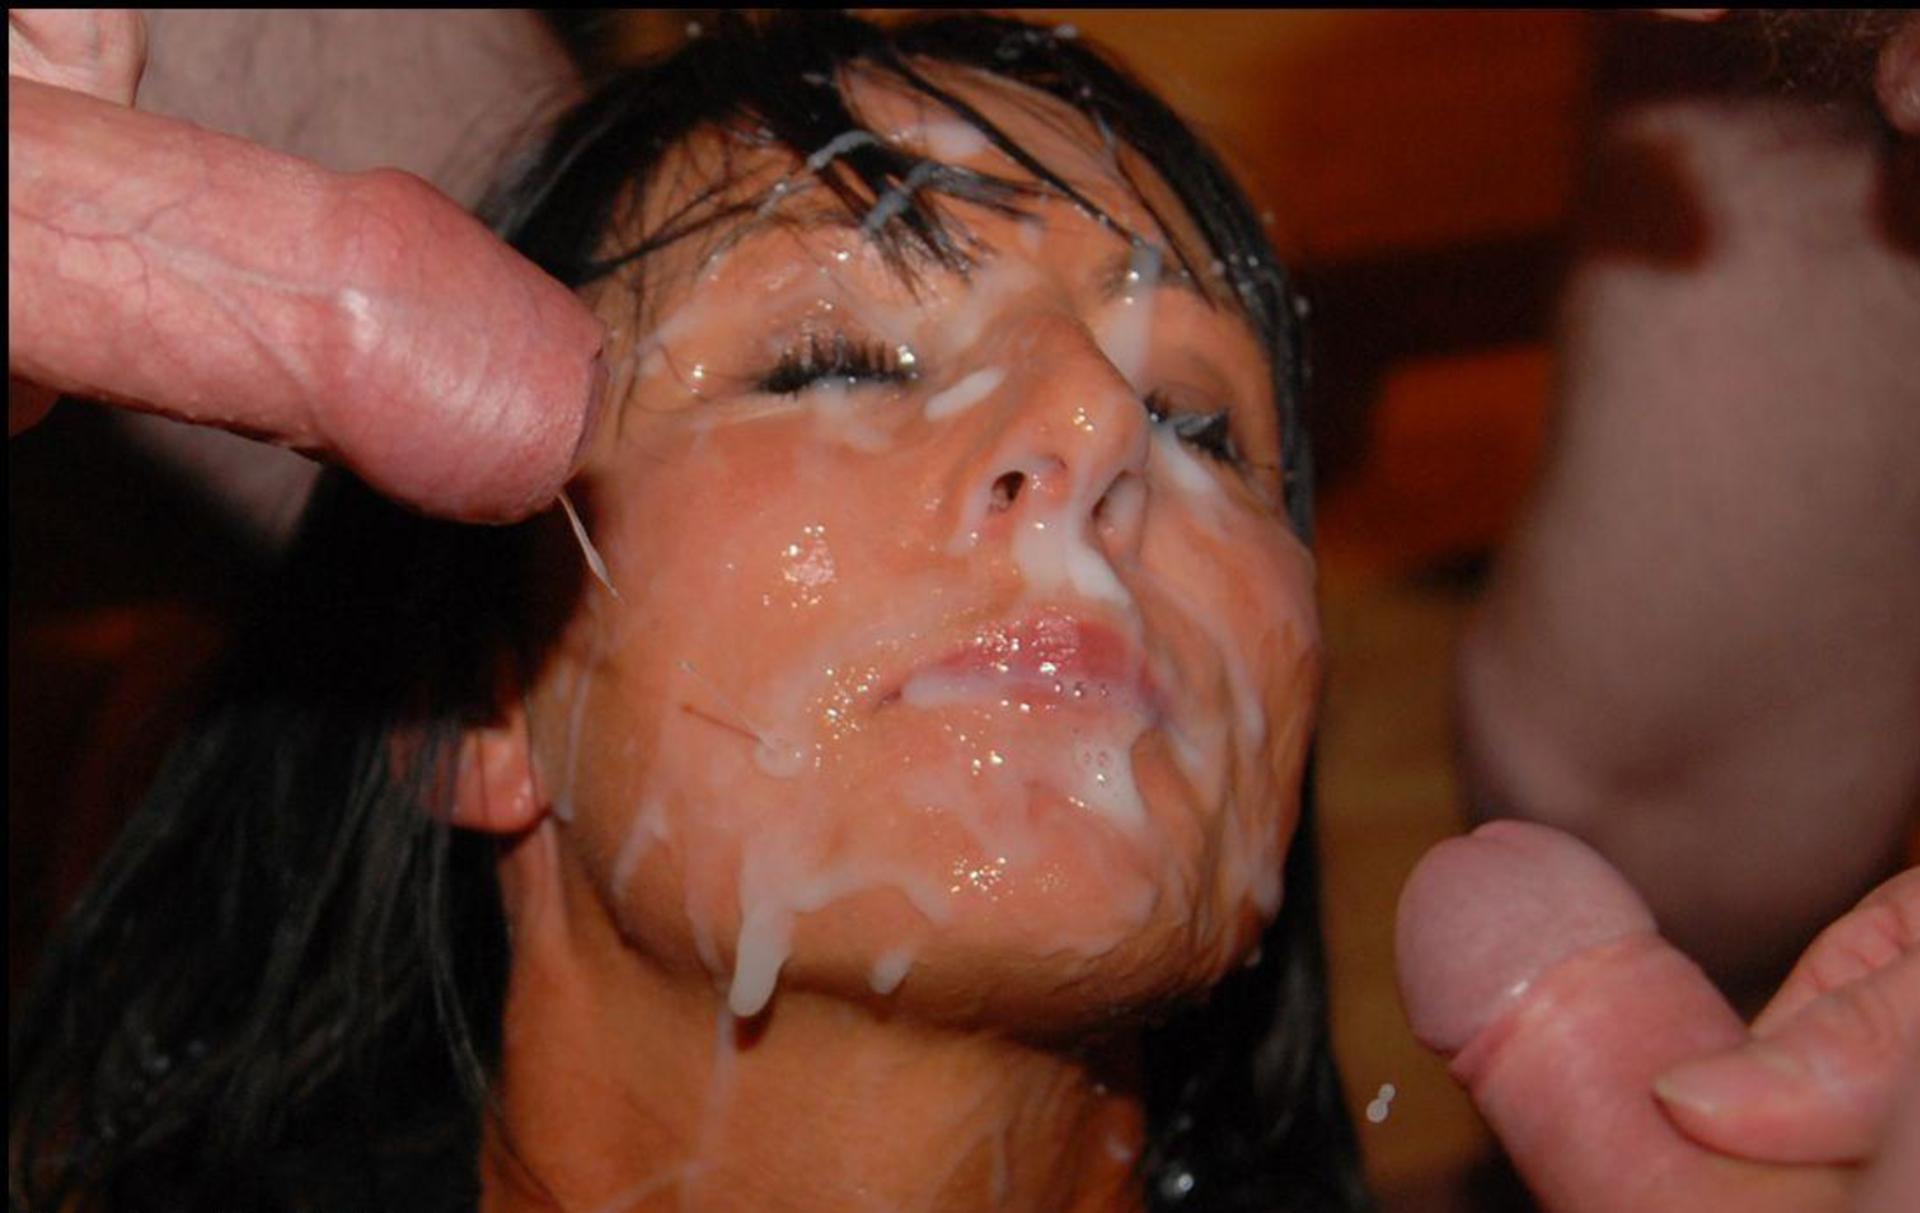 Забрызгал много личико ее спермы лице домашние спермой видео на